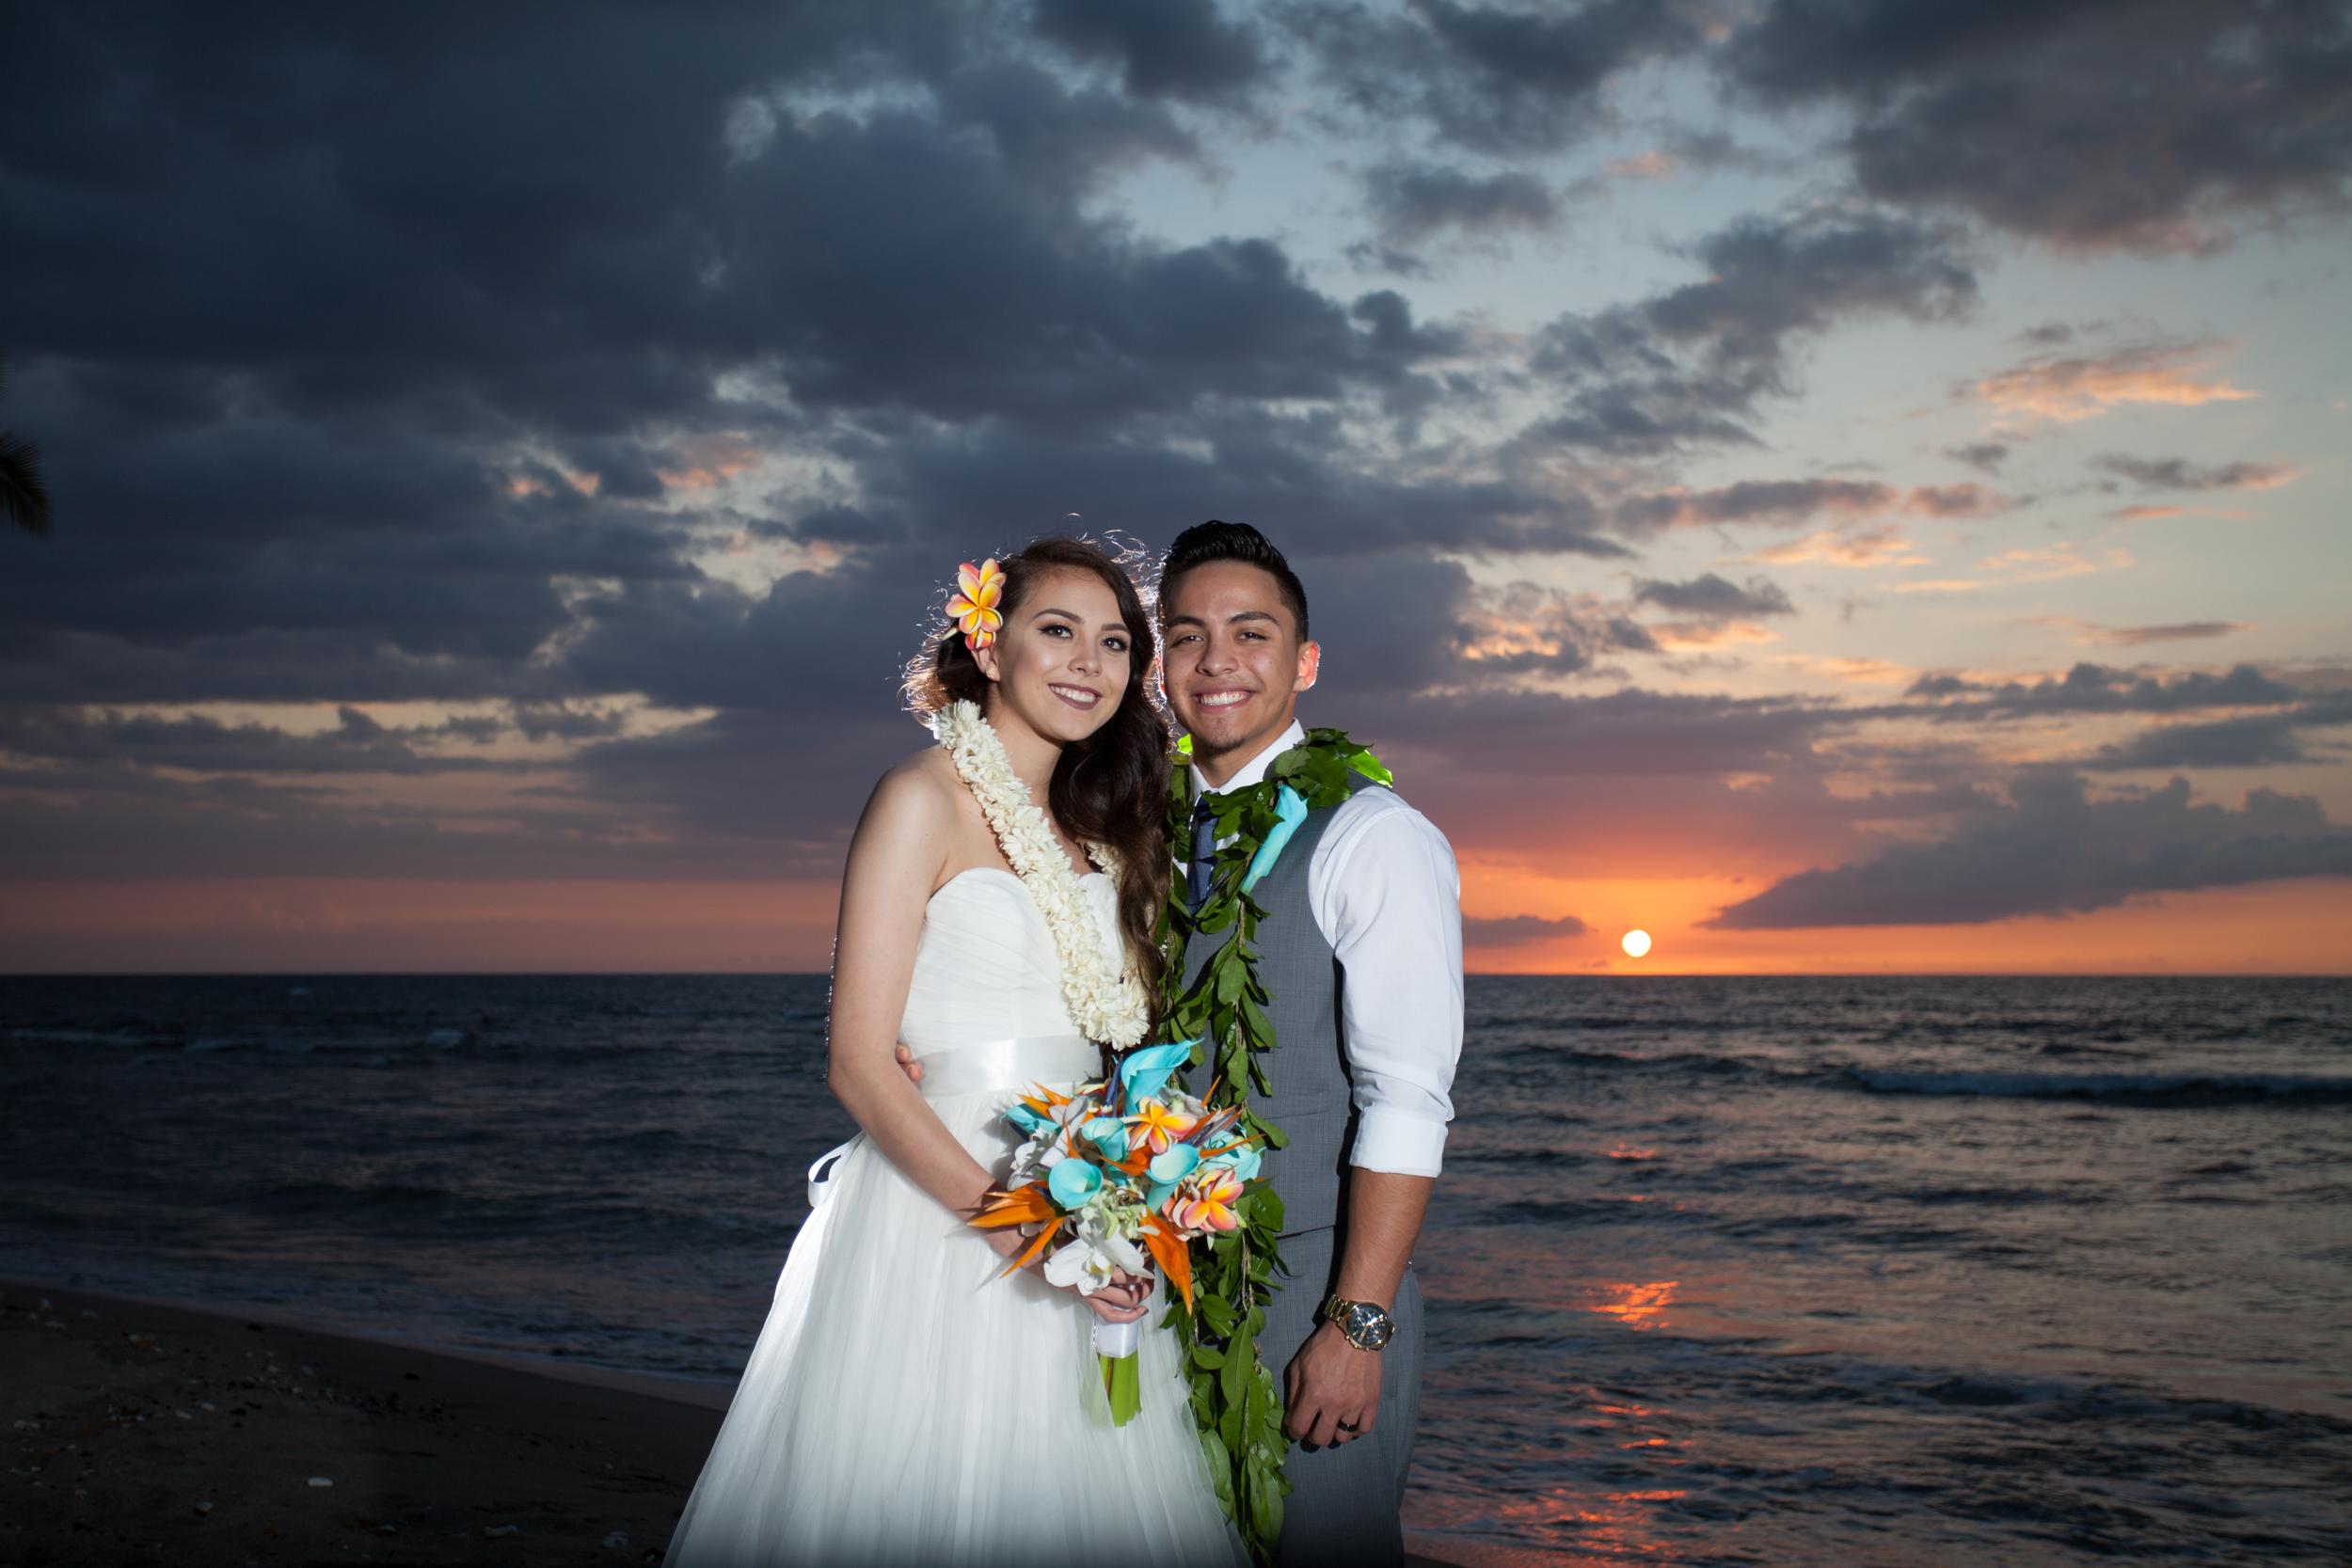 big island hawaii mauna lani resort wedding © kelilina photography 20160523185257-1.jpg